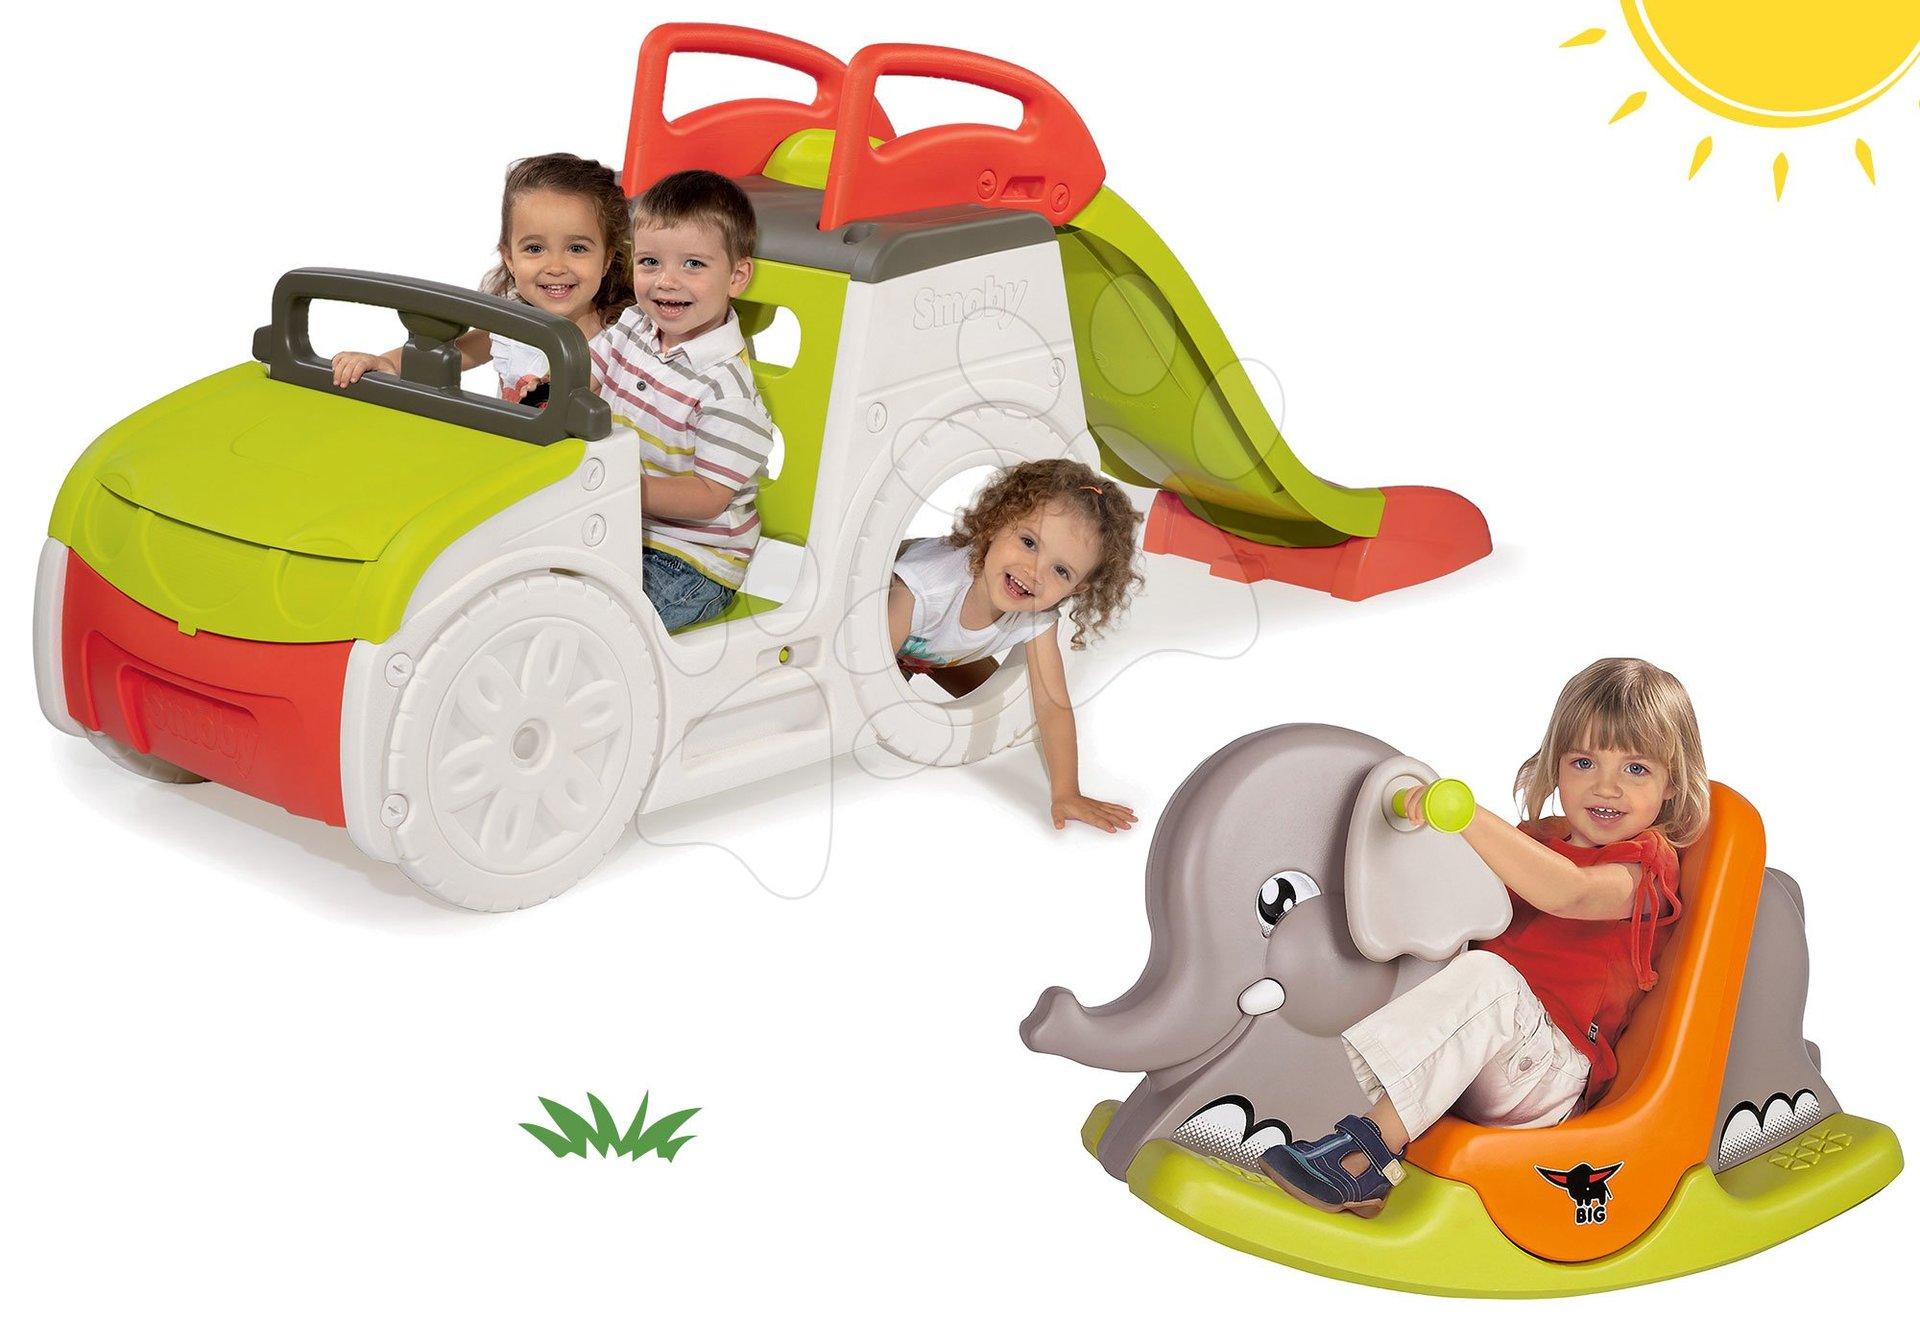 Smoby set prolézačka Adventure Car se skluzavkou a houpačka Slon s pohyblivýma ušima 840200-28